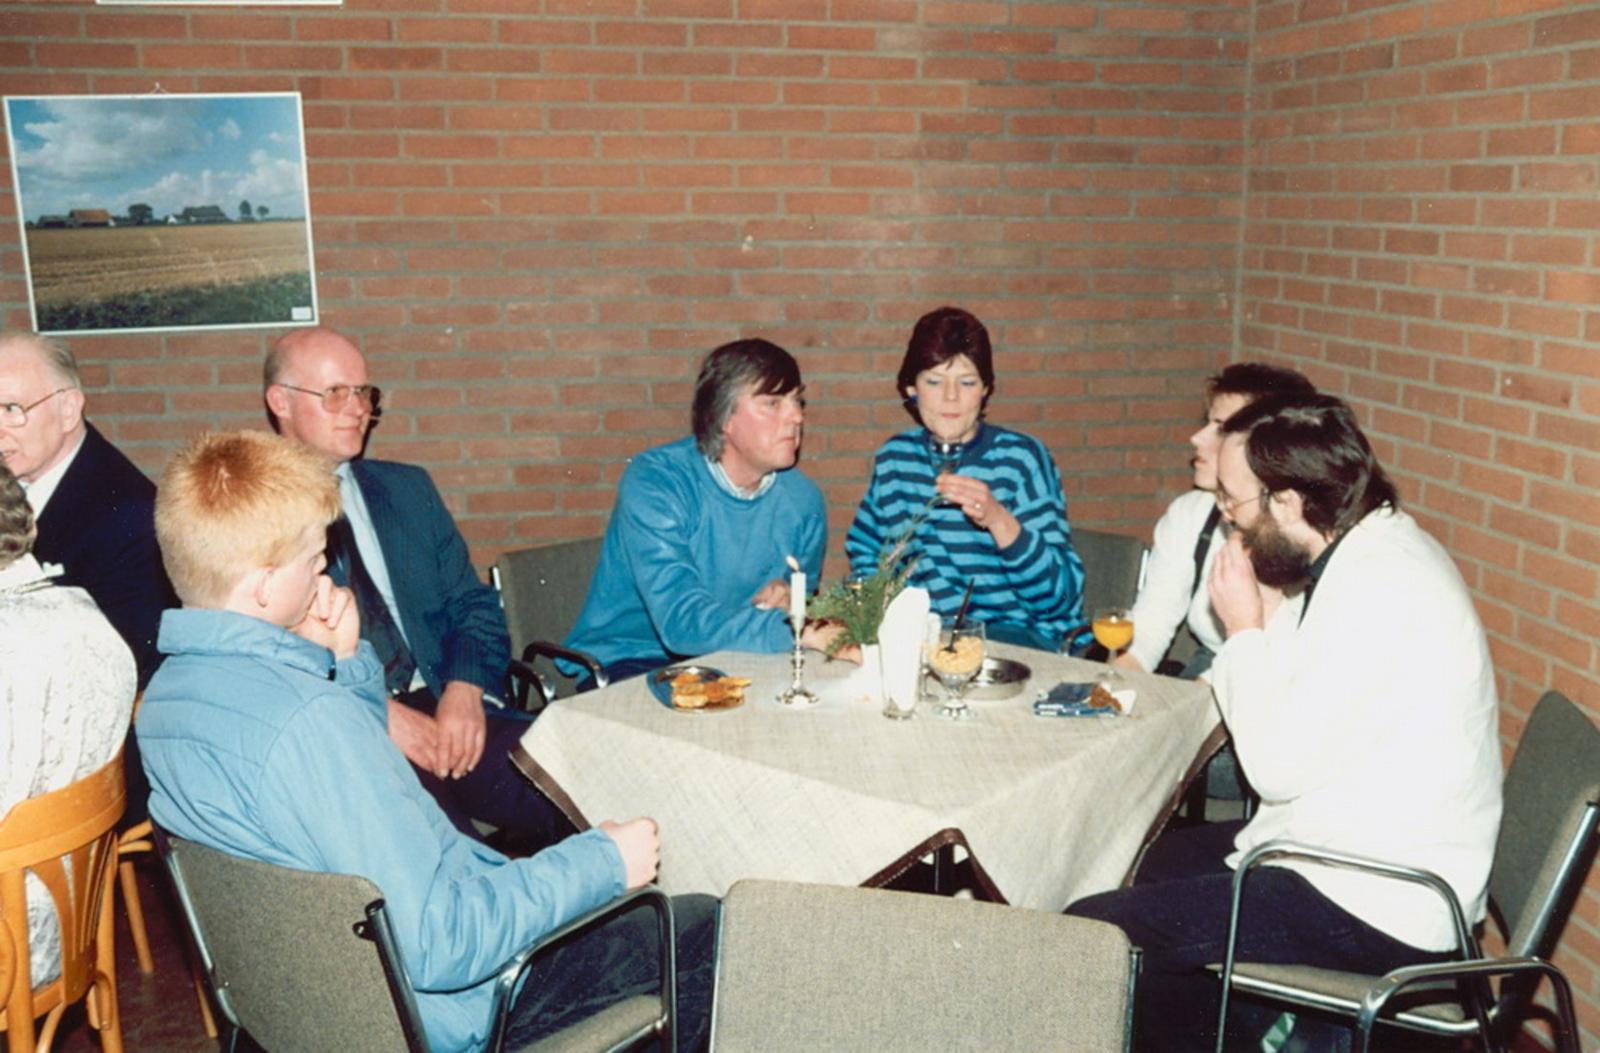 Marktlaan O 0022 1988 Sigarenboer Kraak 50jr Jub en Sluiting 53